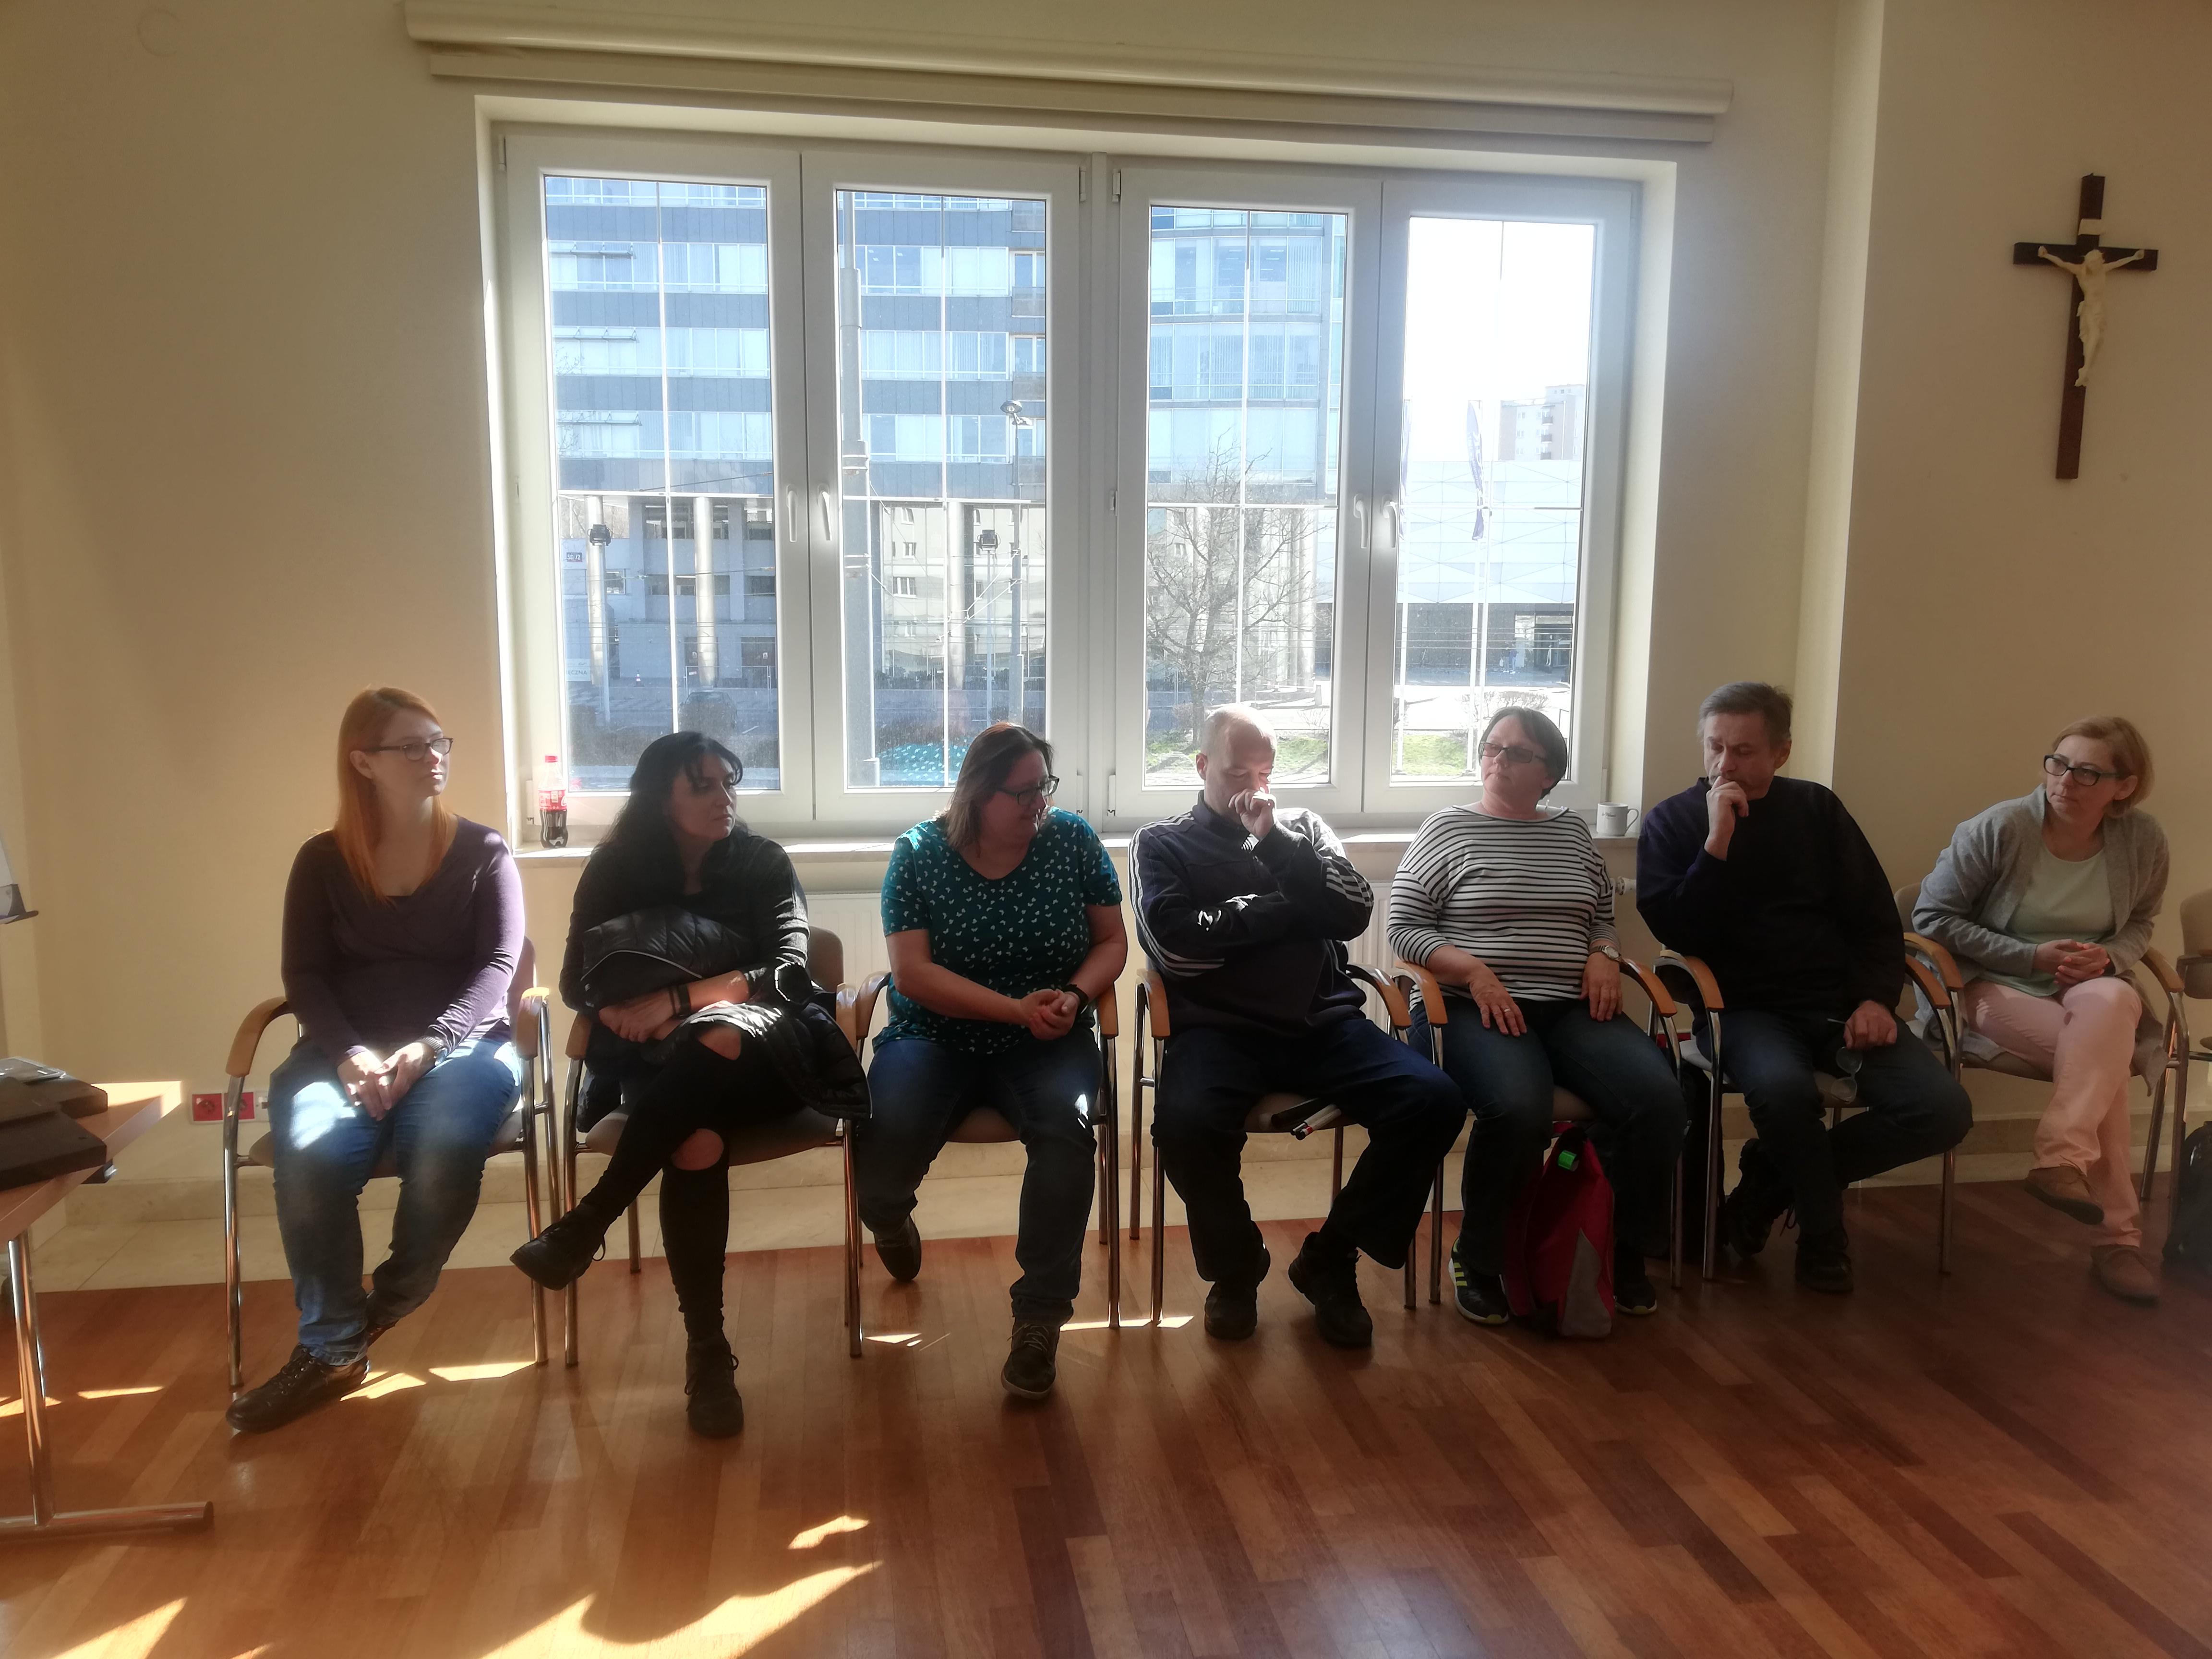 Uczestnicy siedzący na tle dużego okna, za którym prezentuje się wysoki biurowiec.